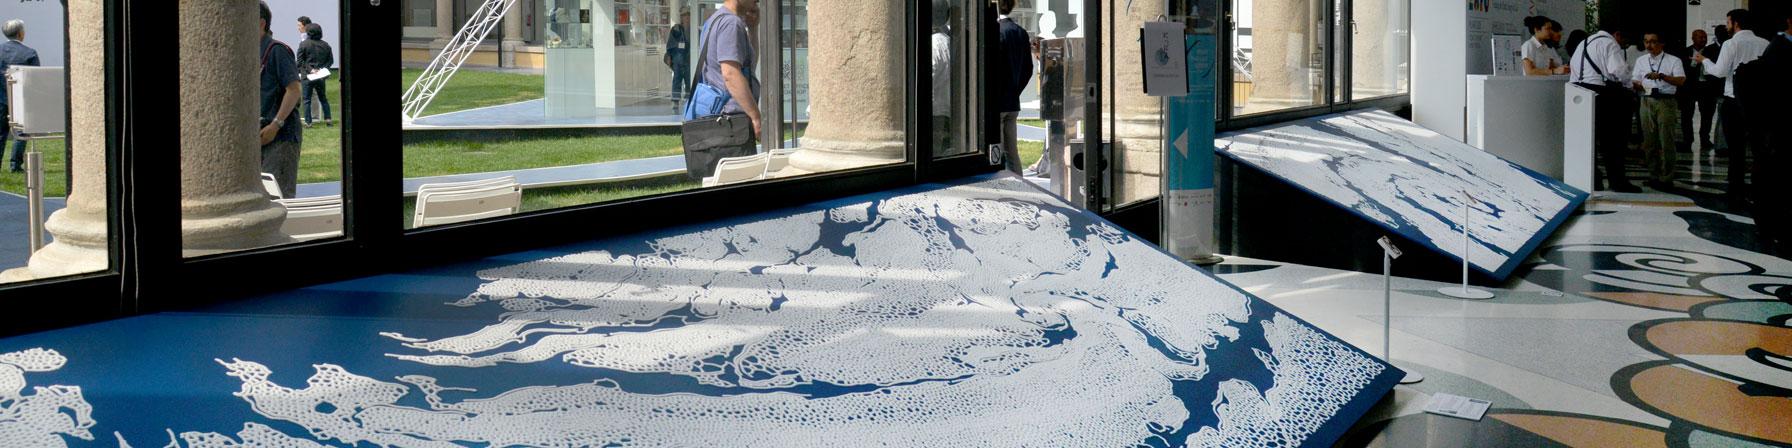 現代美術アーティスト・山本基が制作した銀座の店舗やミラノ万博・にっぽんサローネのディスプレイ。